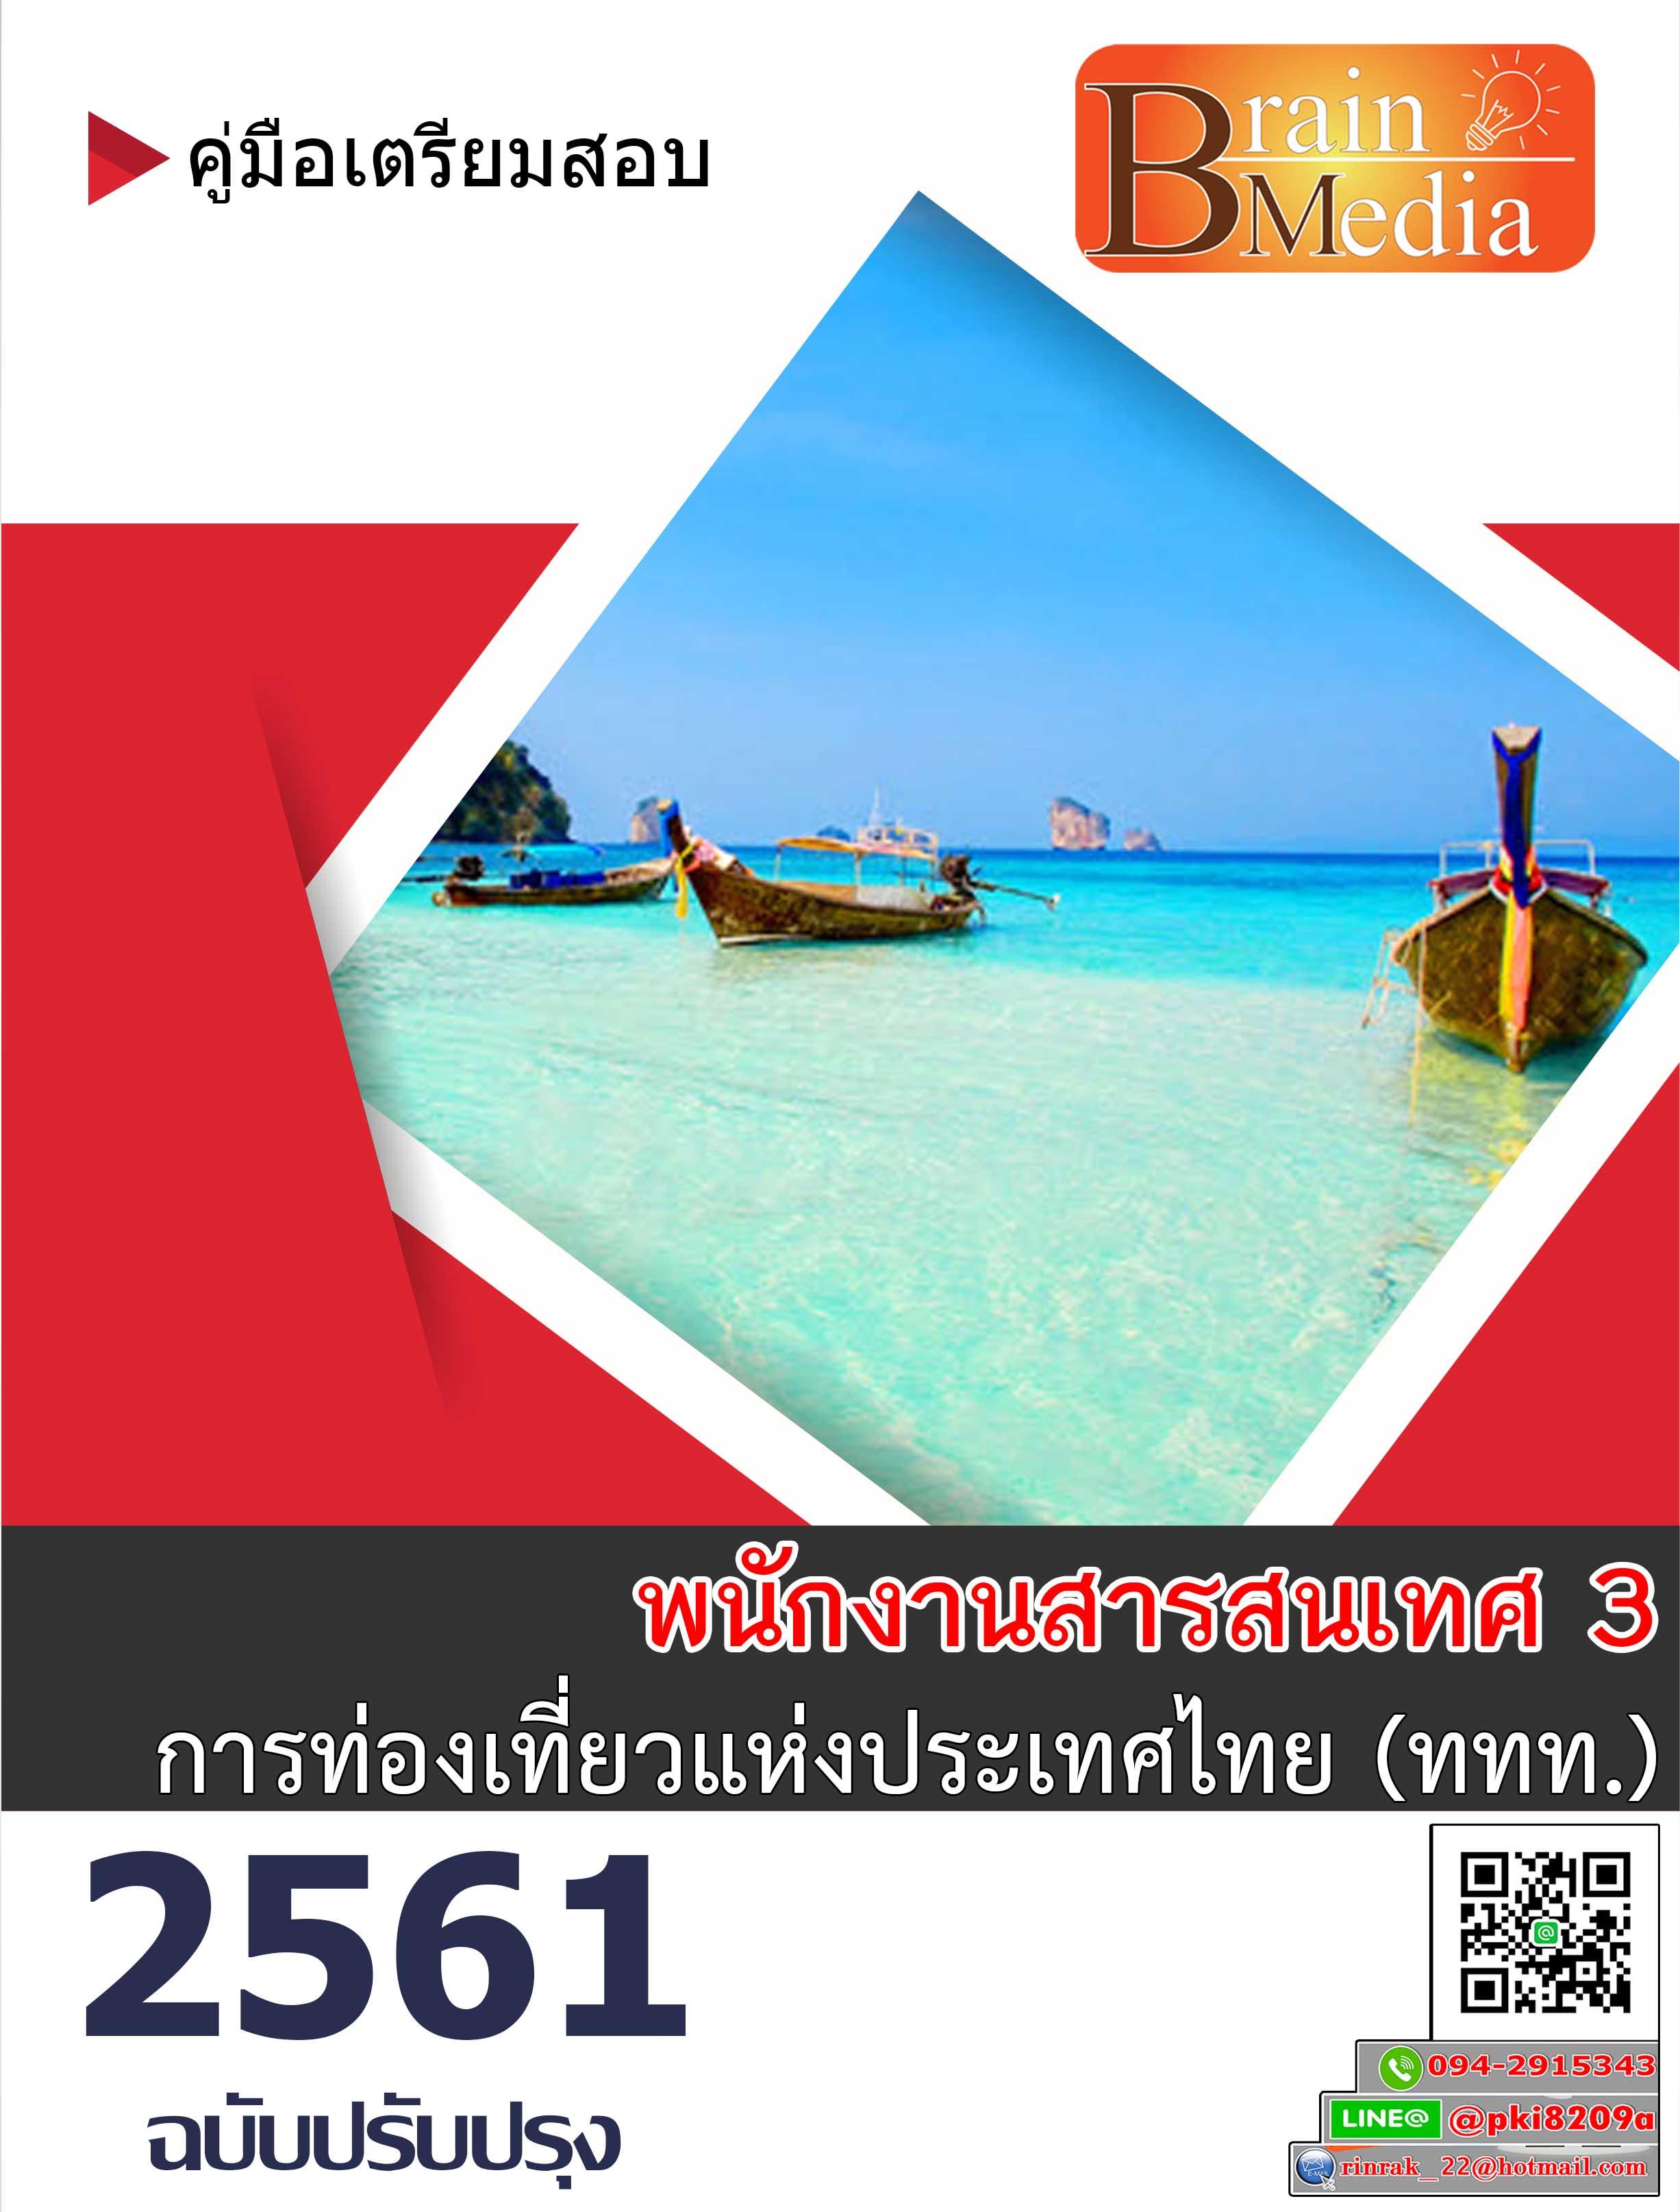 แนวข้อสอบ พนักงานสารสนเทศ 3 การท่องเที่ยวแห่งประเทศไทย (ททท.)